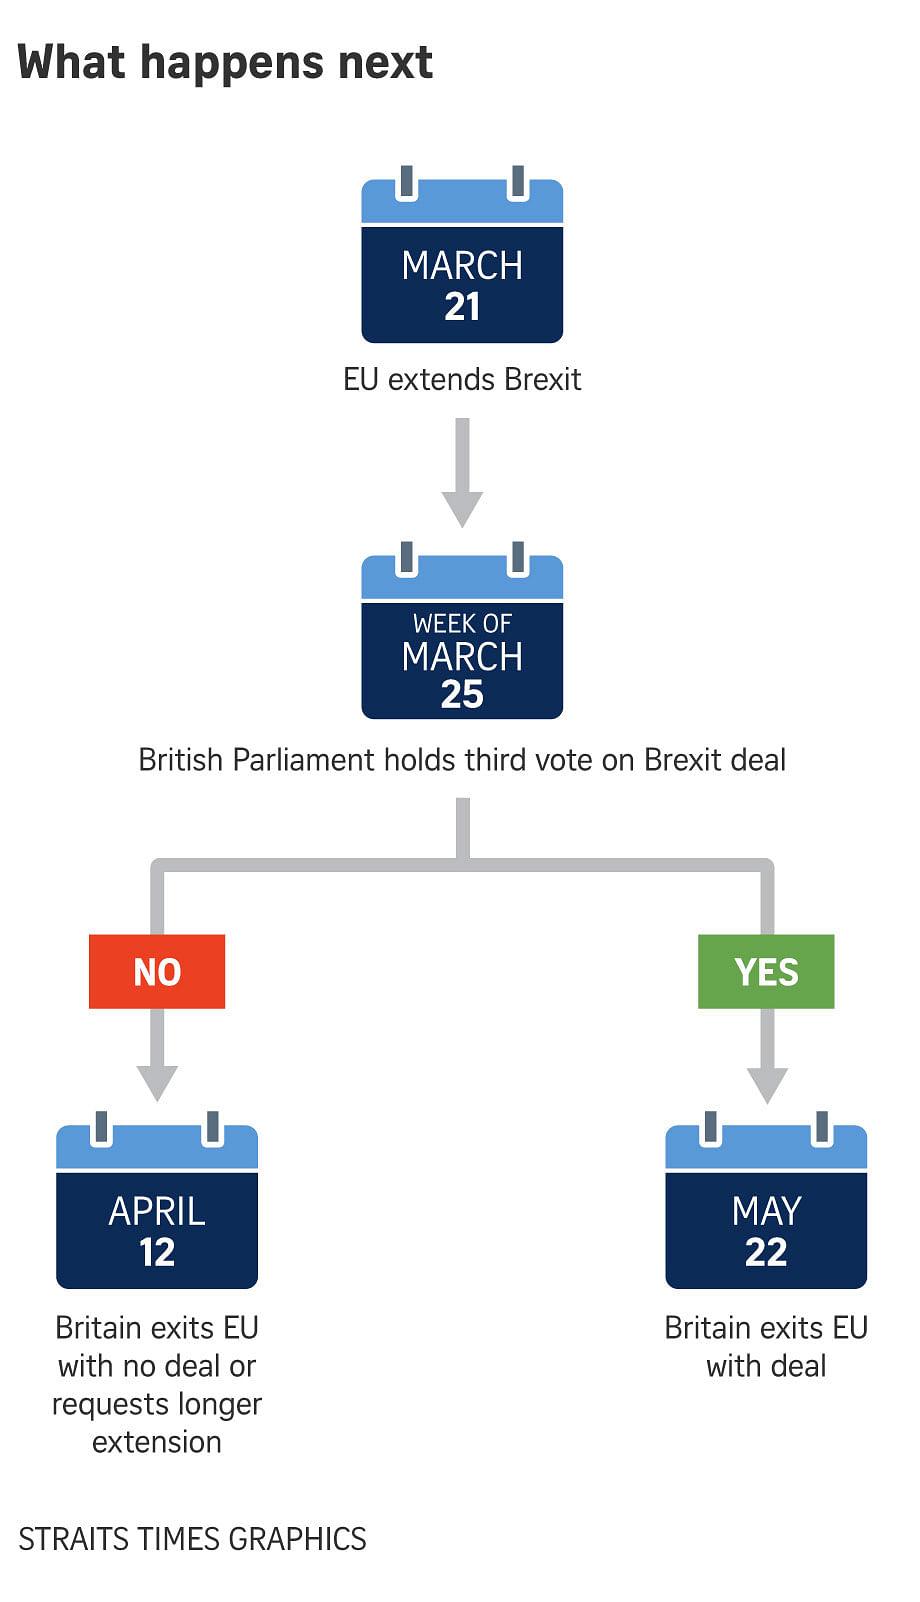 L'UE repousse le Brexit; Mai affronte maintenant la bataille du Royaume-Uni, Actualité & Europe online 190322 brexit 0